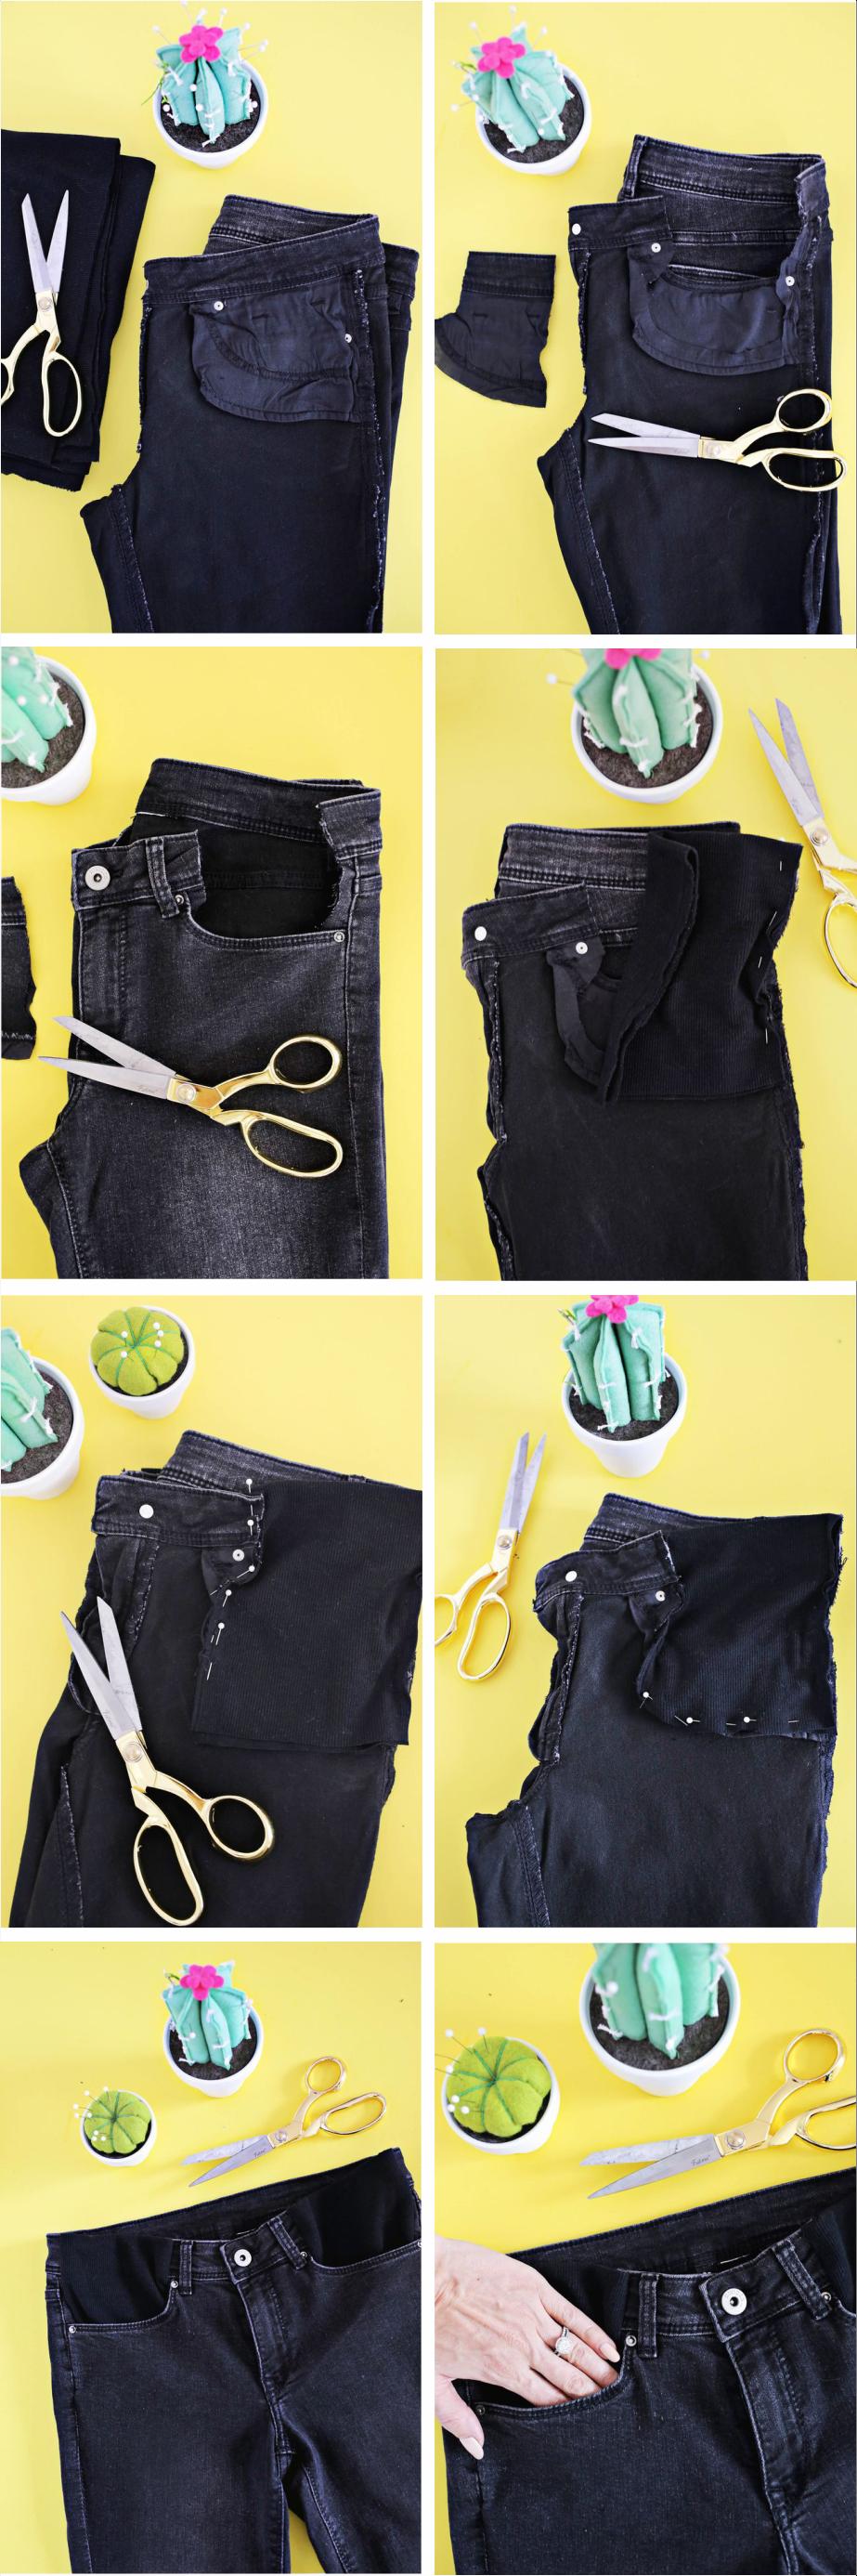 ec02bb02d Como aproveitar a sua calça jeans na gravidez - Baú de Menino